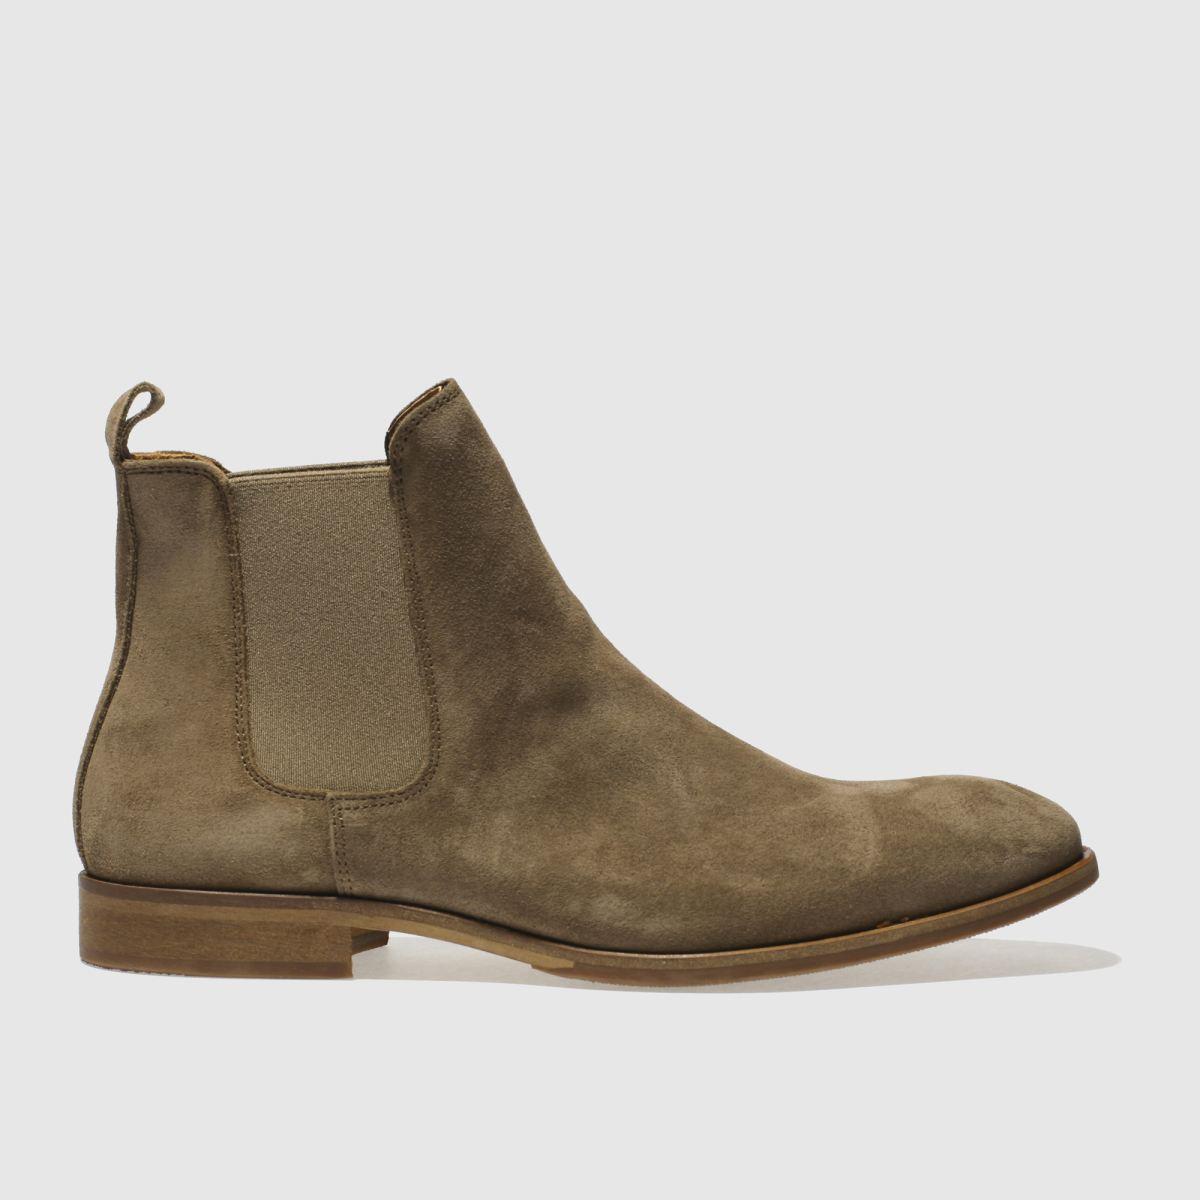 Schuh Light Brown Khan Chelsea Boots